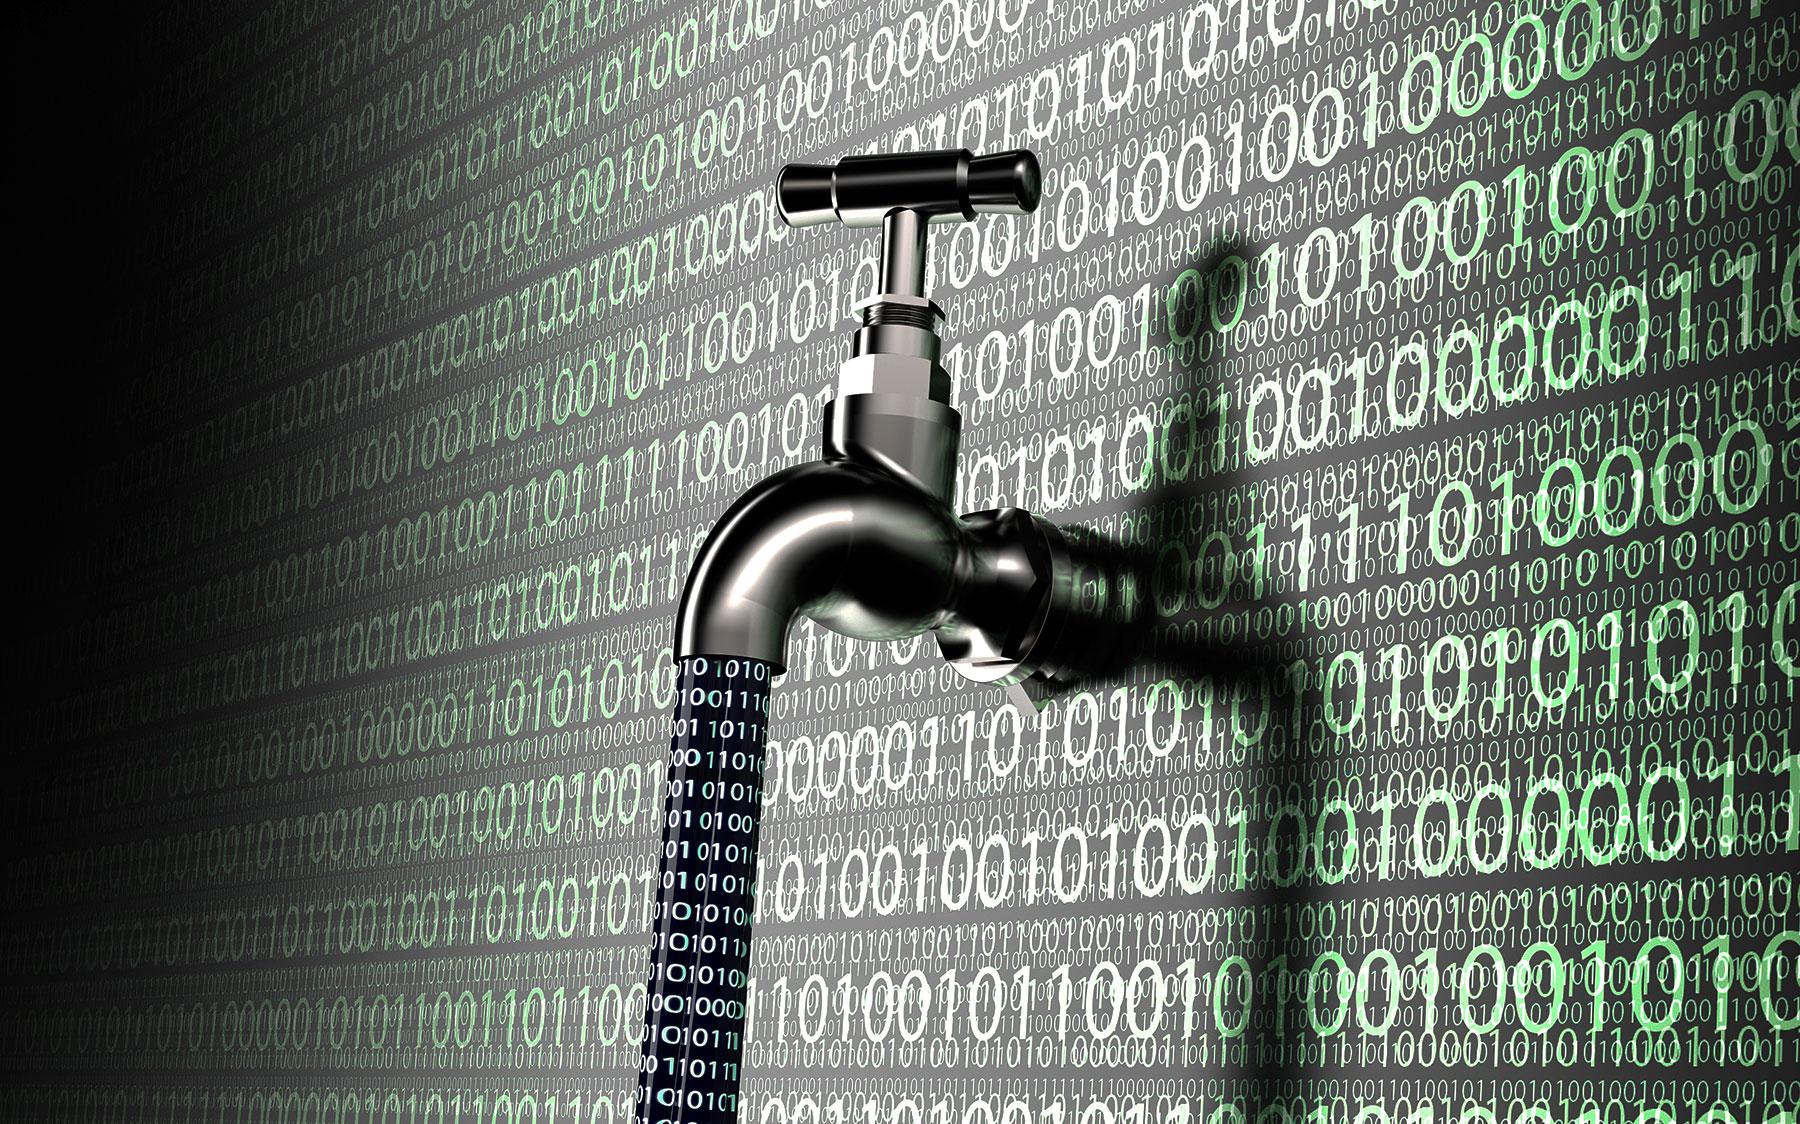 Ini Cara Memeriksa Apakah Data Email dan Password Saya Sudah Diketahui Hacker